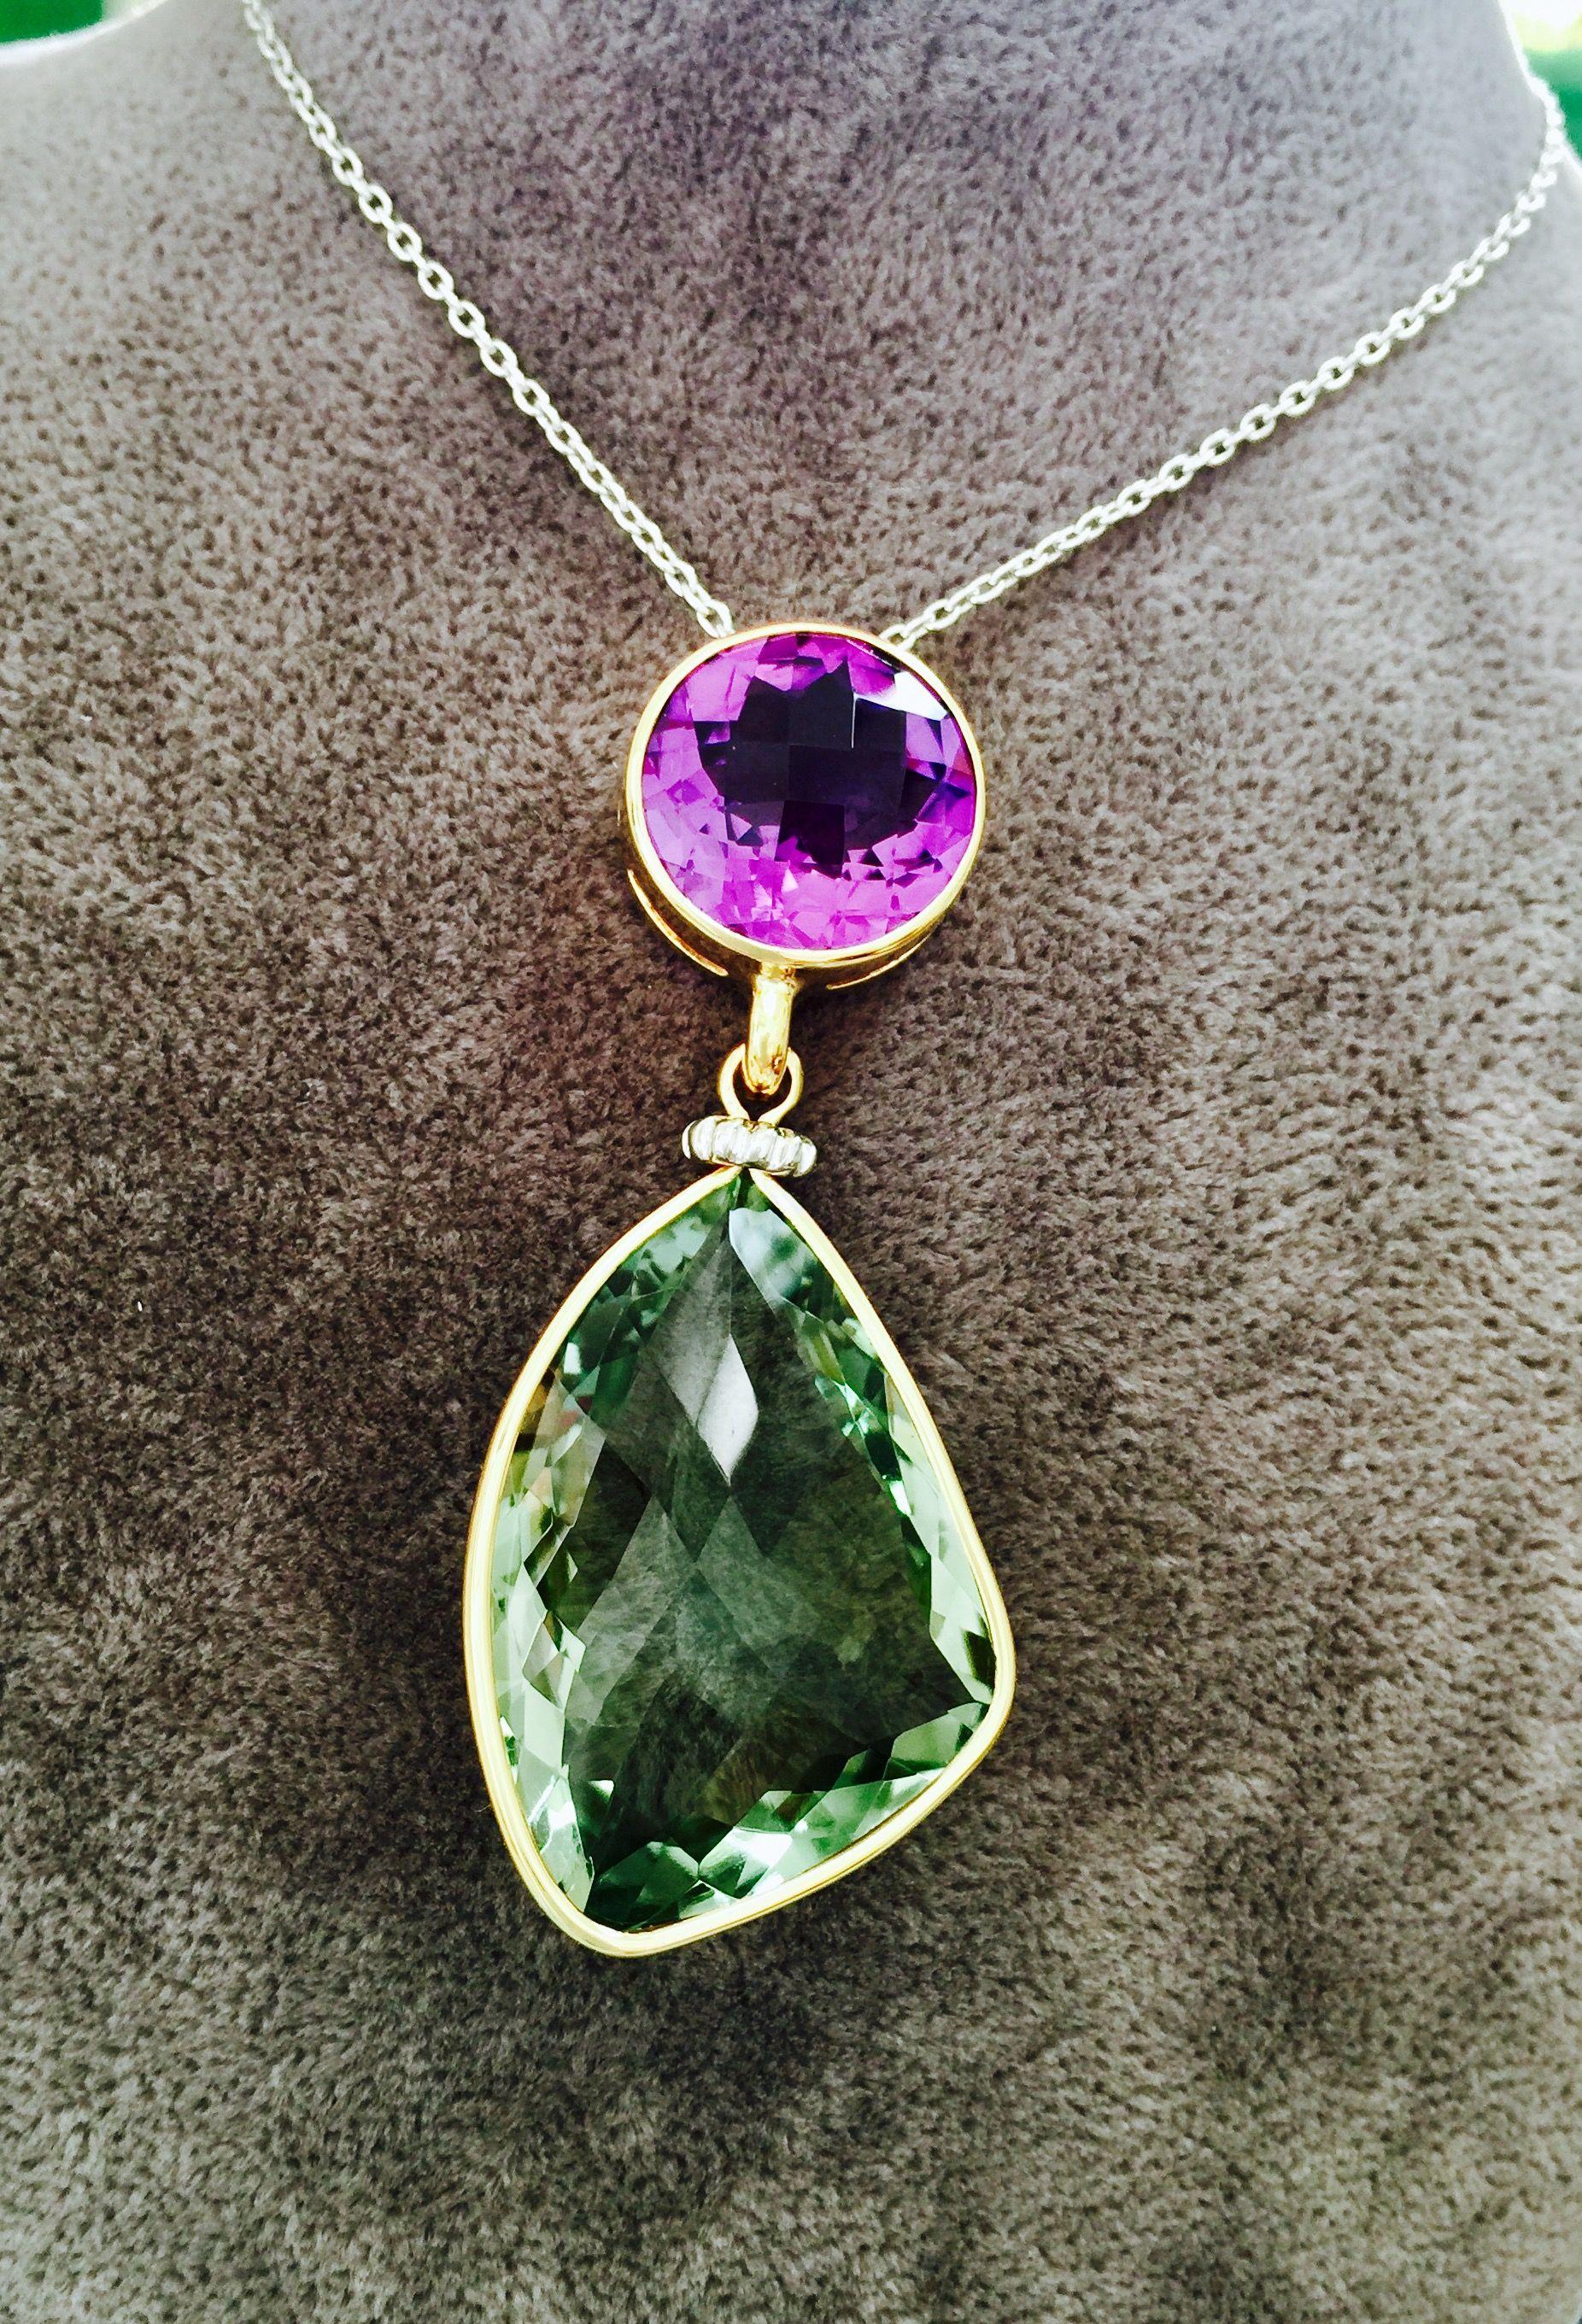 #MNO #Sadekar #Tasarım #Atölyesi #Ring #Stone #prasolite green  ametisty    #Diamond #gold750  #calışma #tamamen #elişi  #elde #üretiliyor #mücevherlerimiz  #mücevhersadekareğitimi #mnojewelry #sadekar #Jewelry #kuyumculukkursu #mnosadekarrasarımatökyesi  #ajur #mnasuhortak @mnojewelry @mnosadekartasarimatolyesi #mıhlama #mnasuhortak  #Gemoloji #Stone #kuyumculukkursu